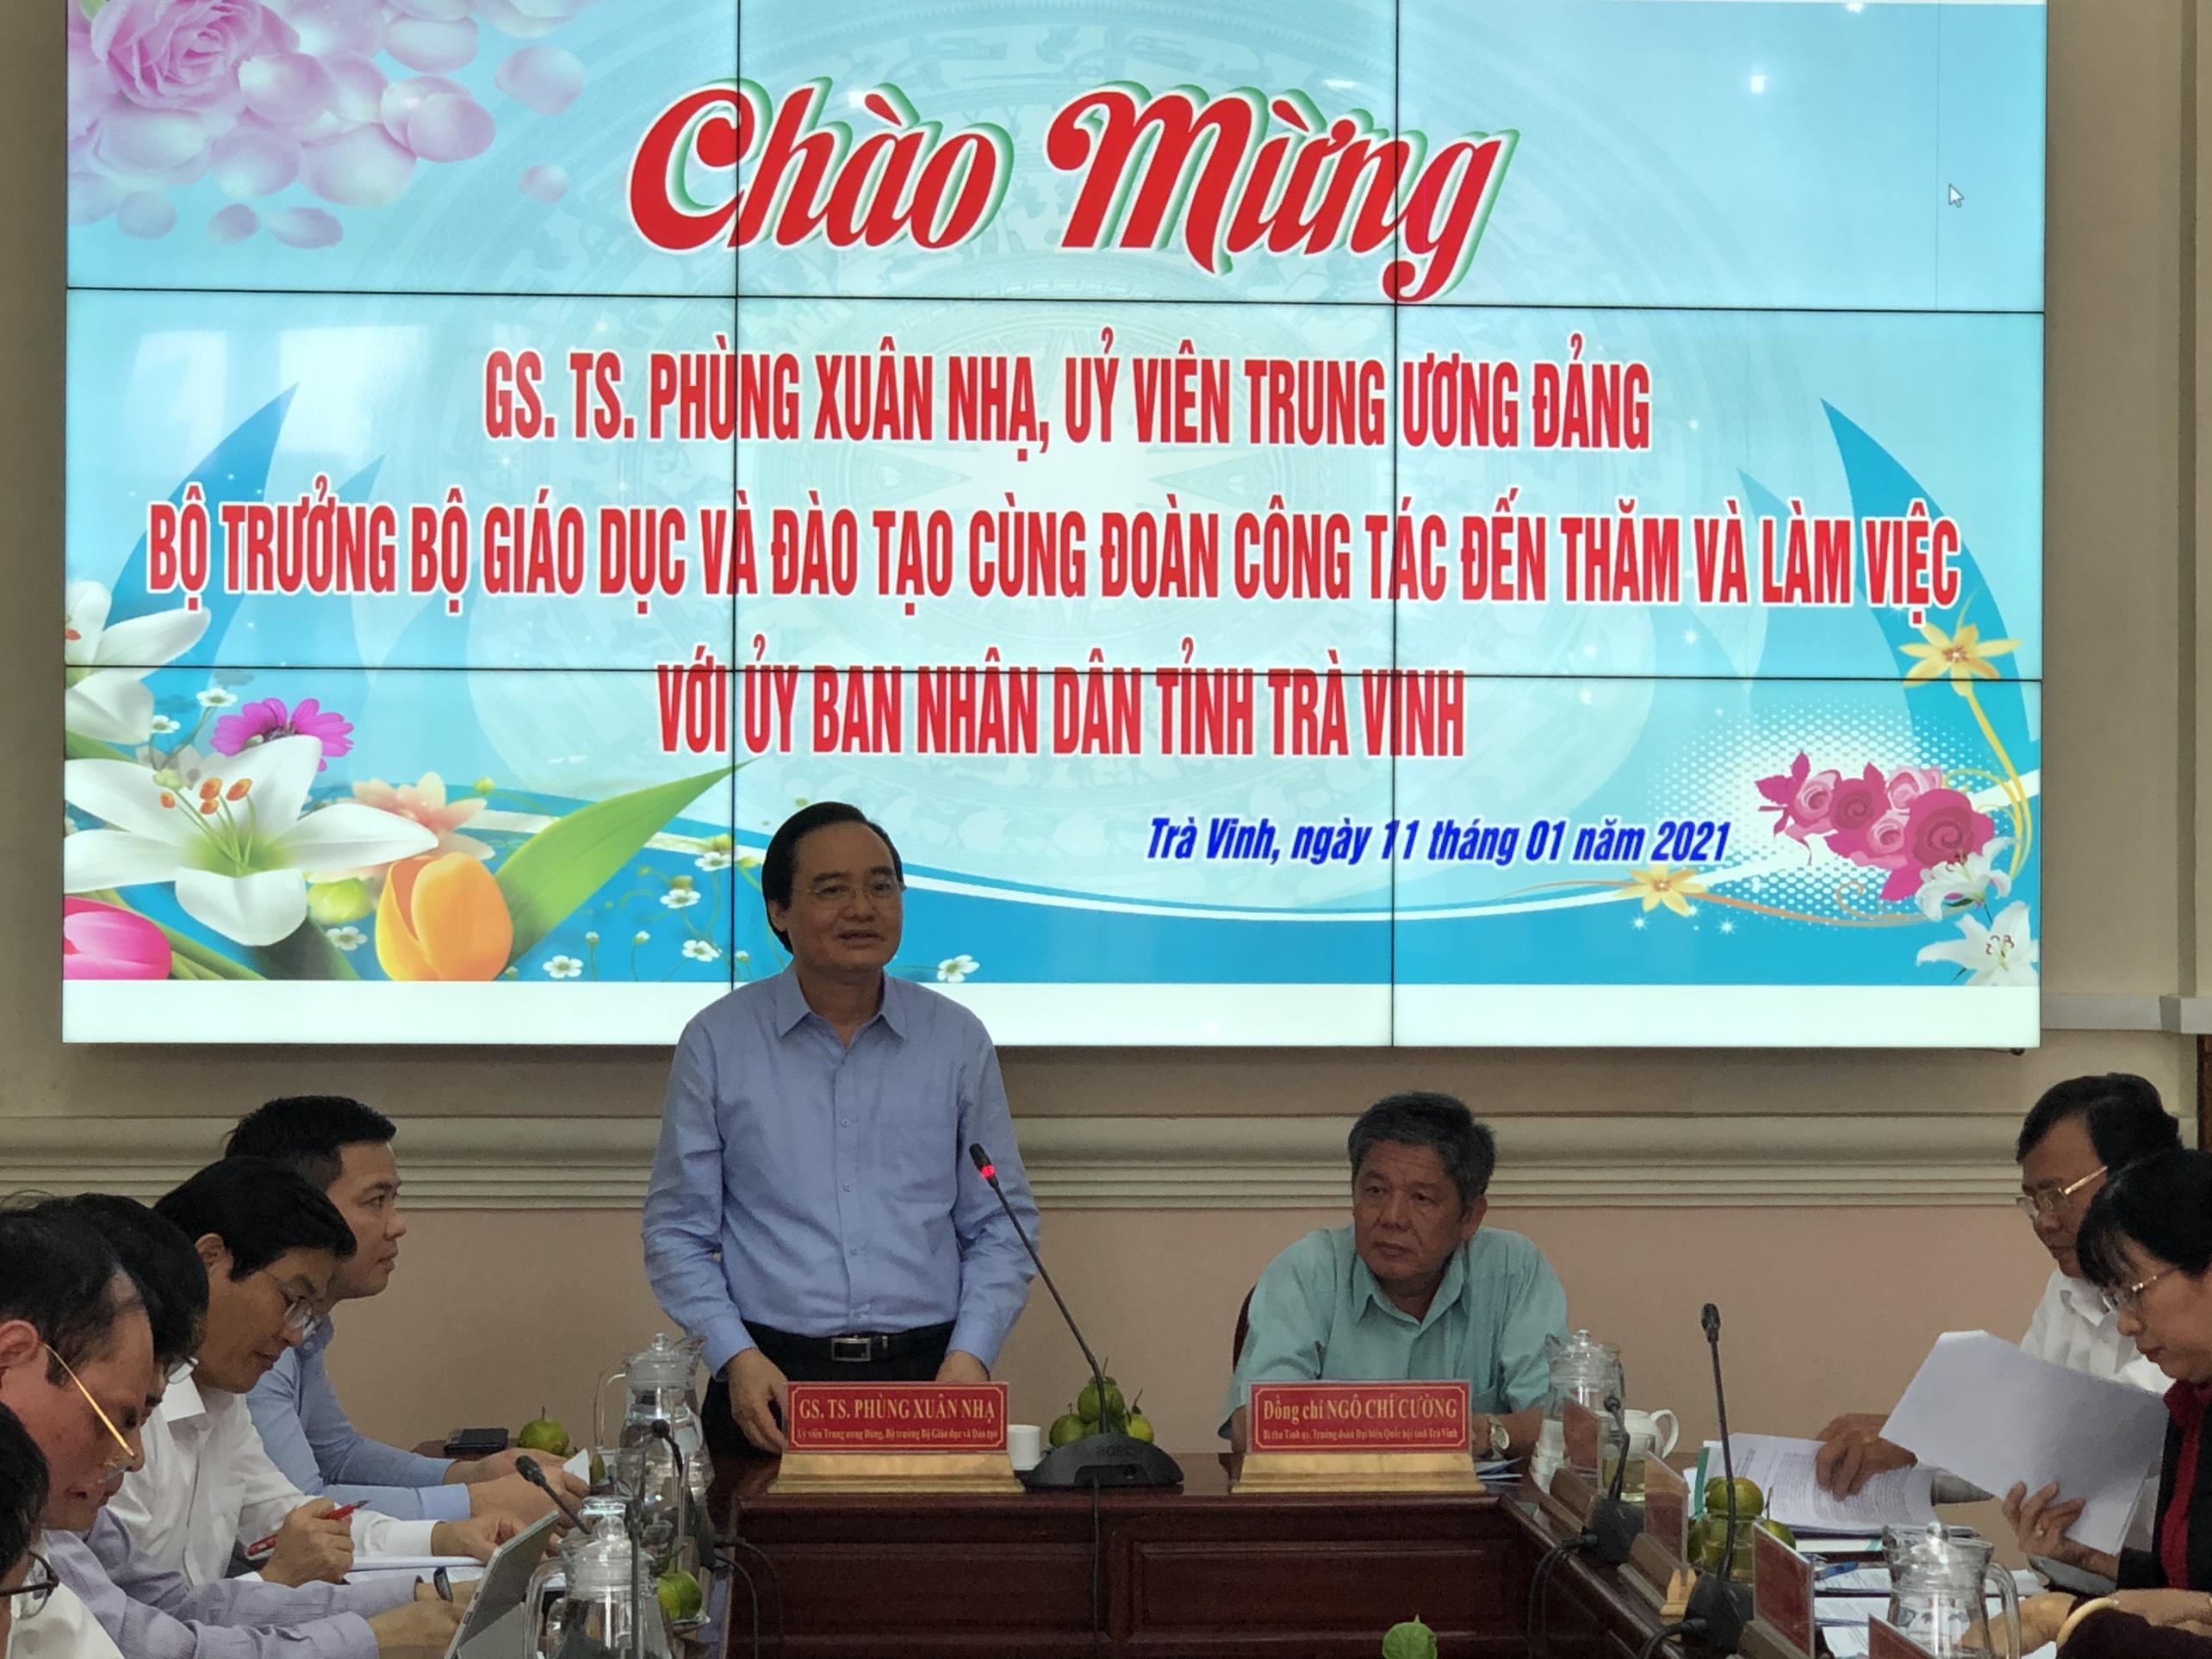 Bộ trưởng Bộ Giáo dục và Đào tạo đến thăm và làm việc tại Trà Vinh